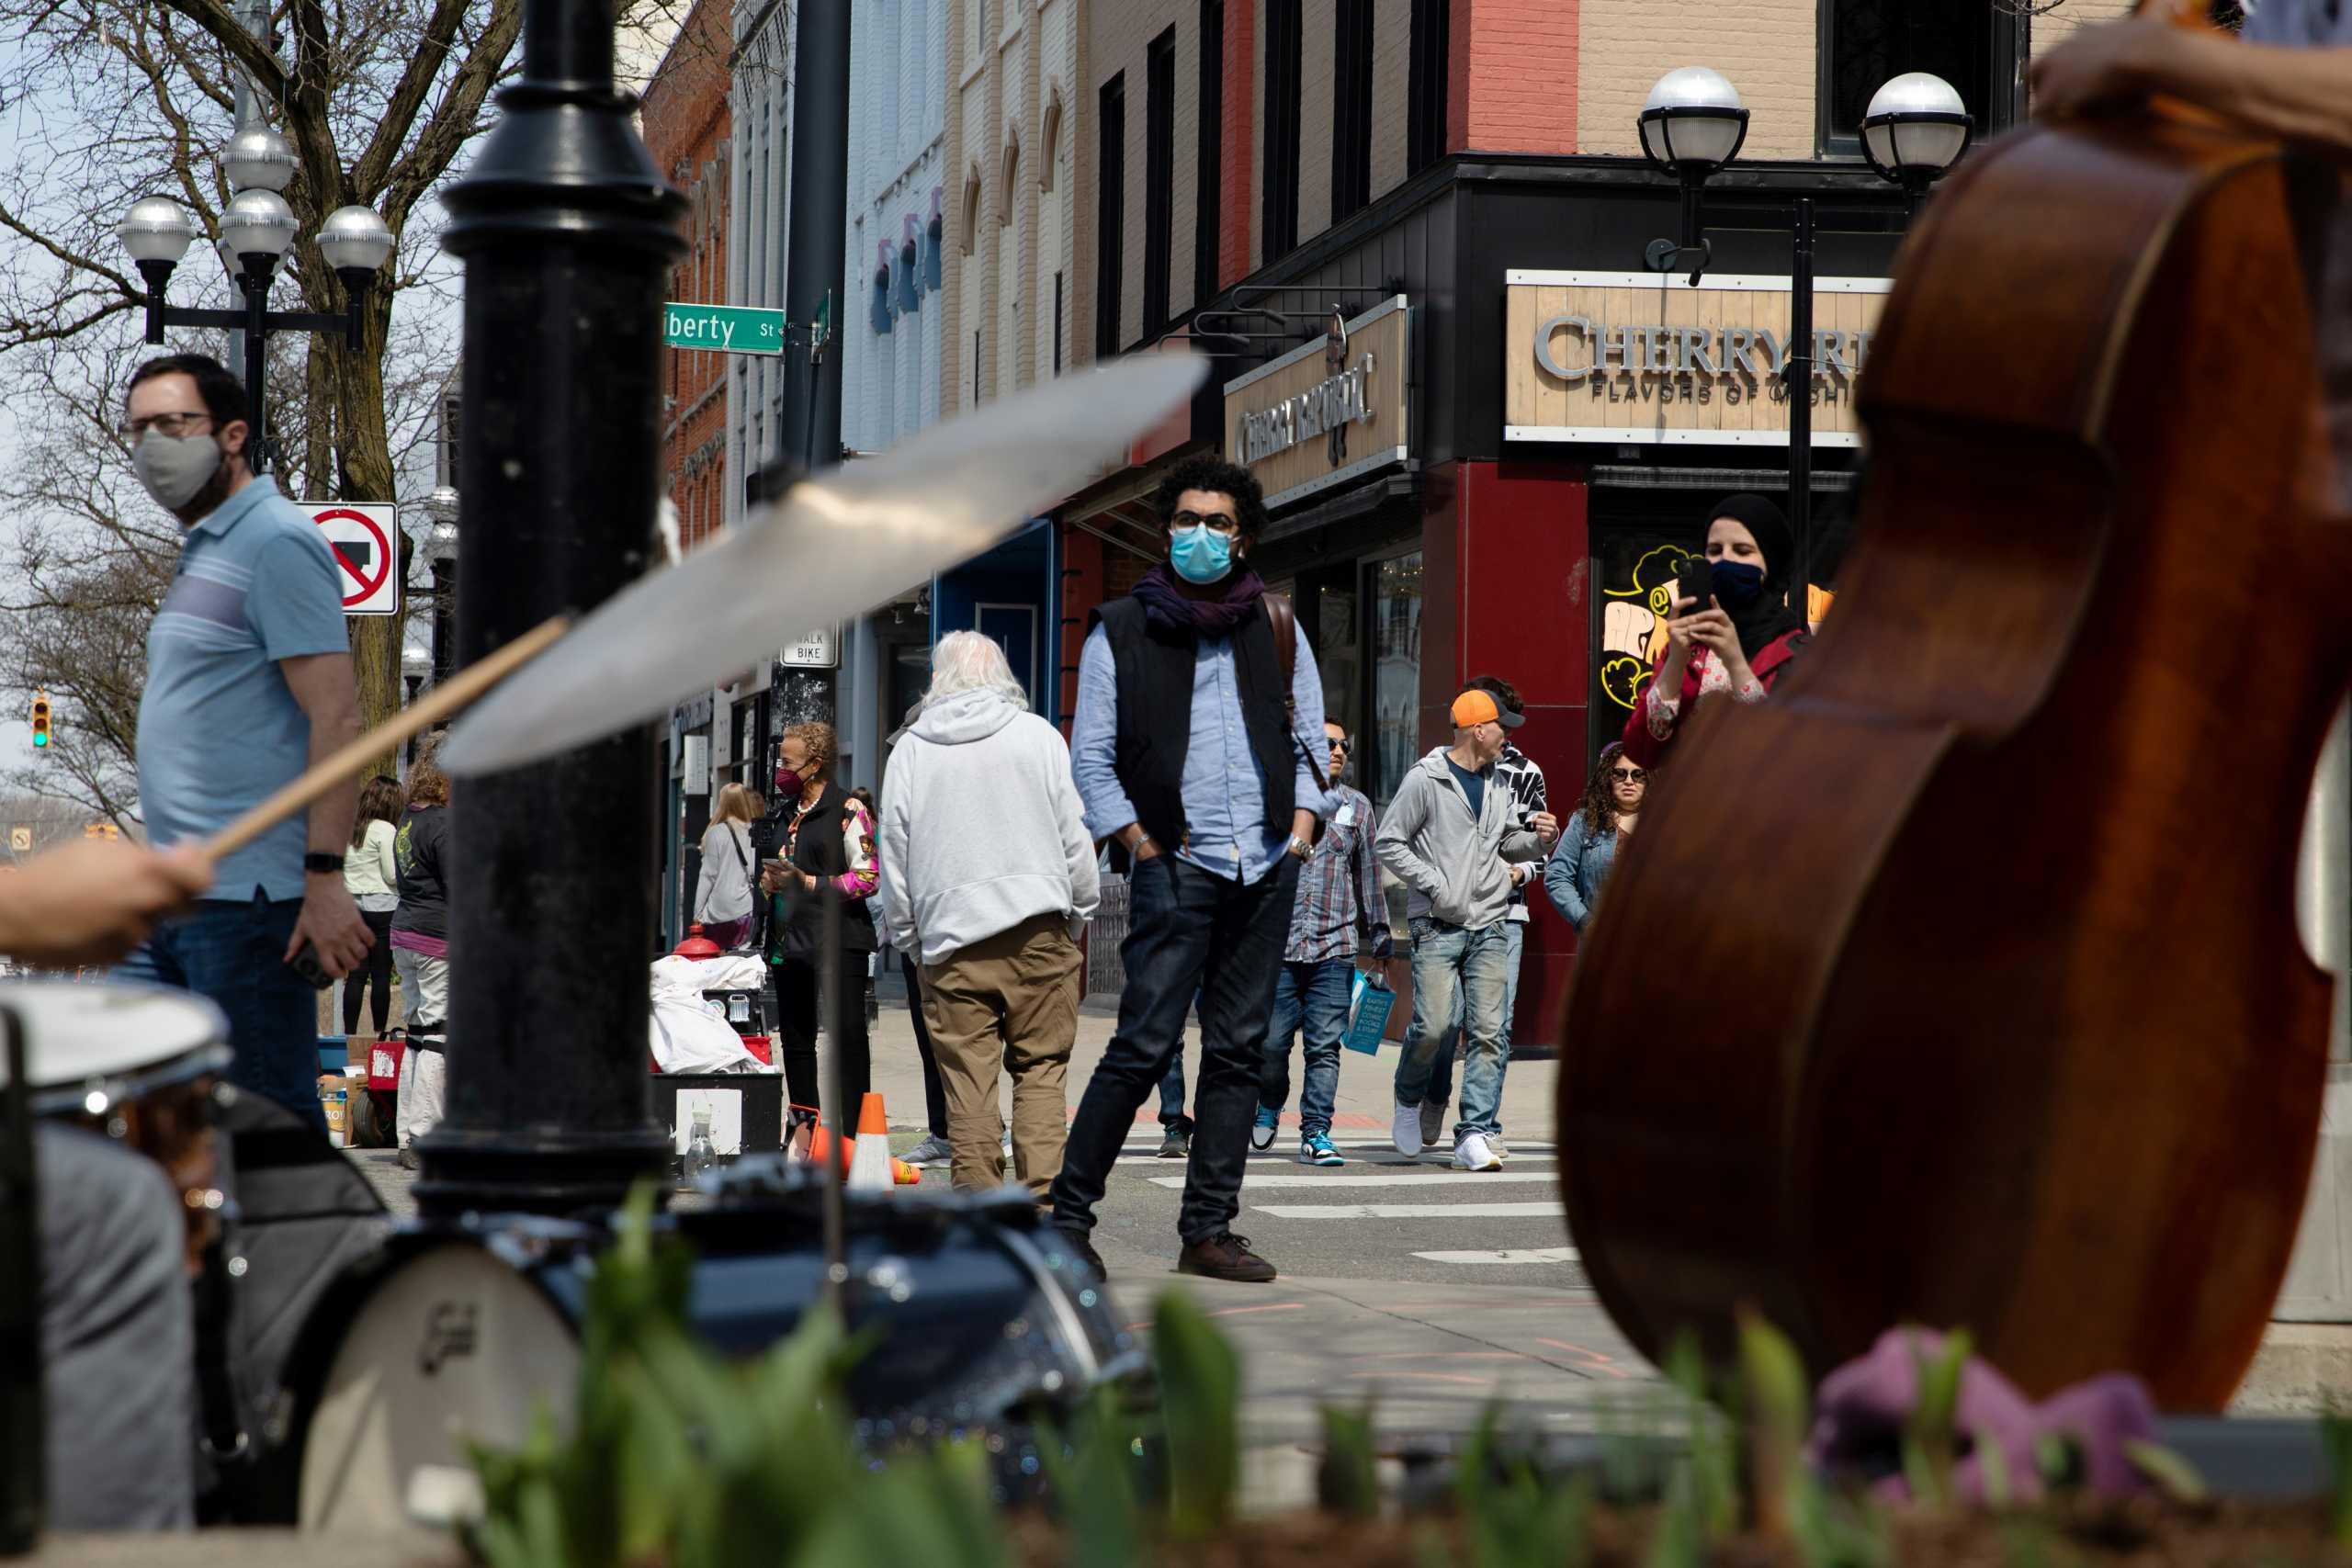 ΗΠΑ: Ρεκόρ κρουσμάτων κορονοϊού στο Μίσιγκαν μετά από 5 μήνες